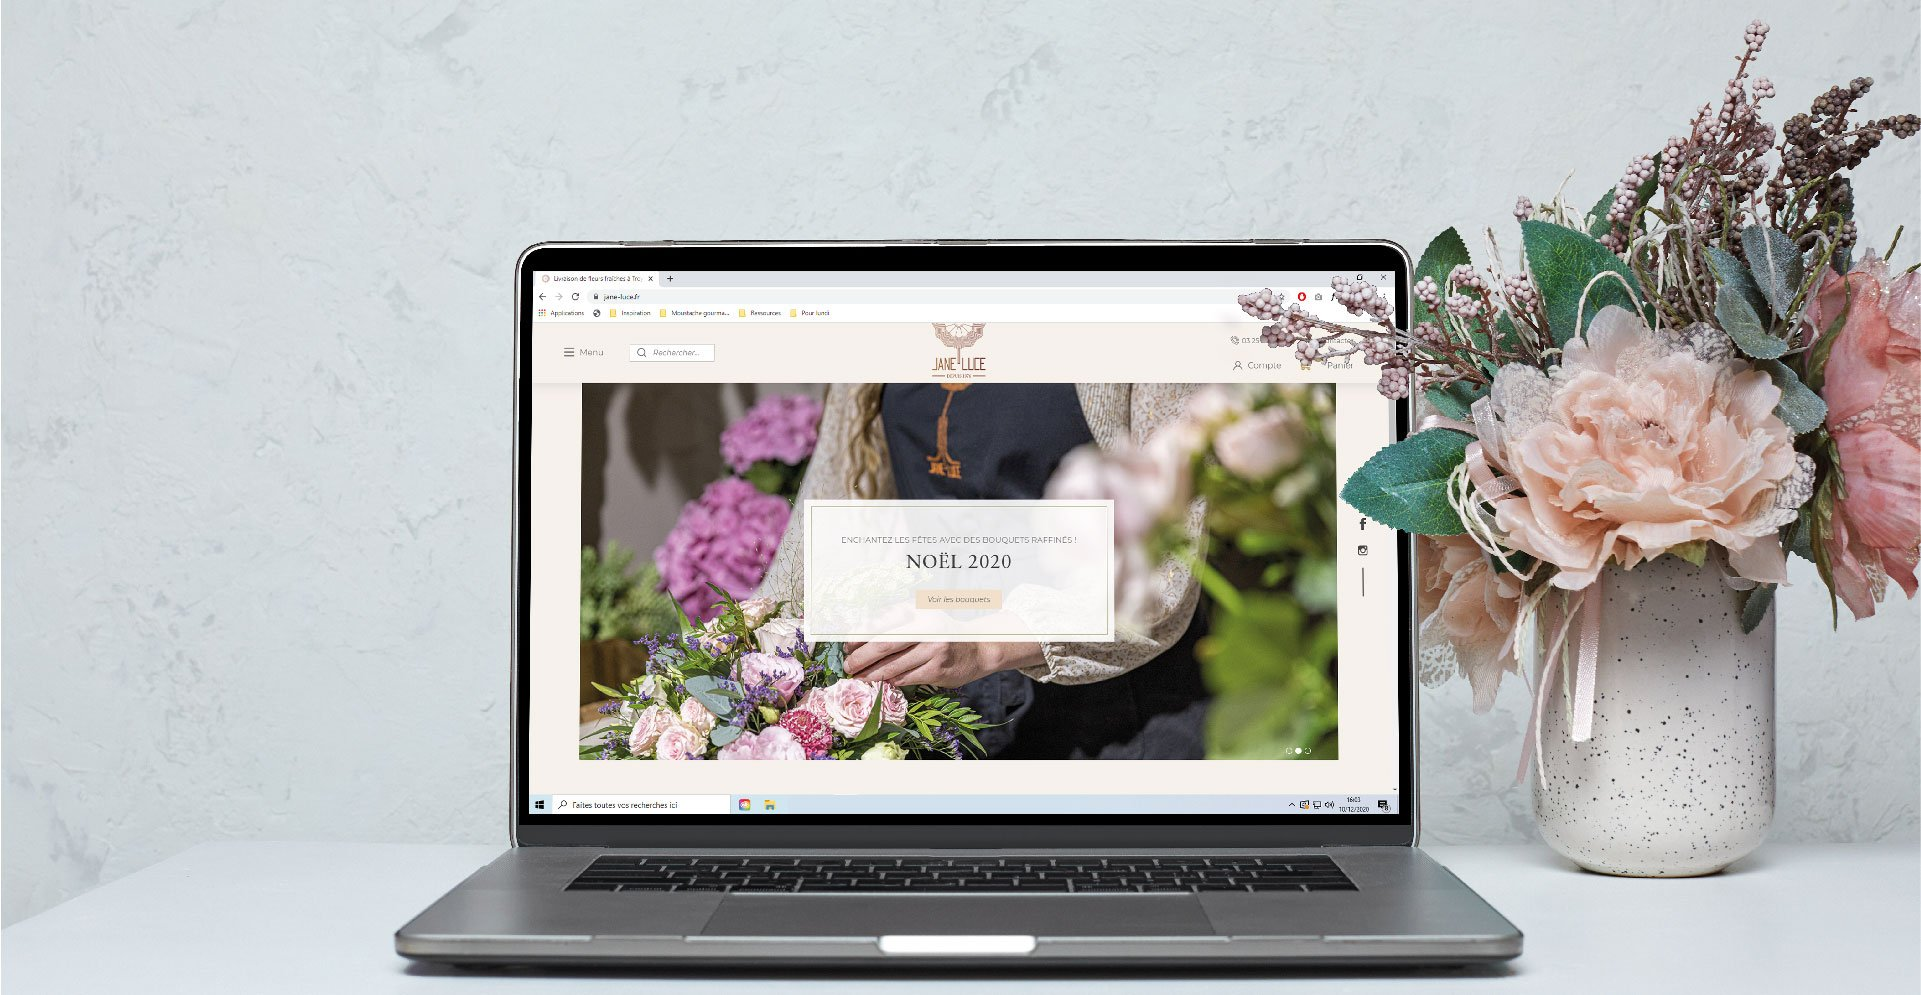 jane-luce-site-internet-studio-ikadia-2